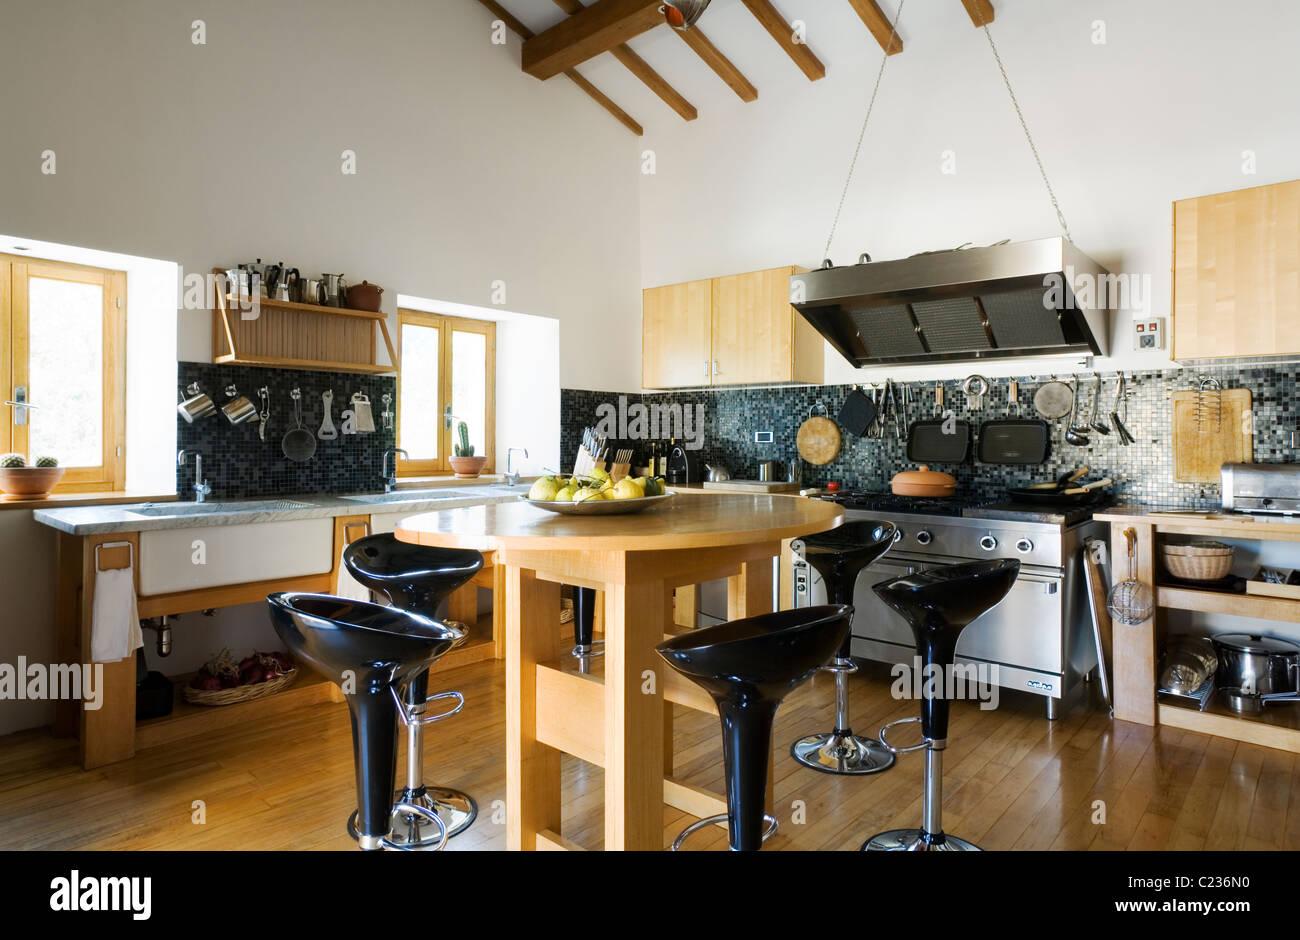 Soffitti Con Travi In Legno : Cucina moderna con travi in legno foto soffitti con travi in